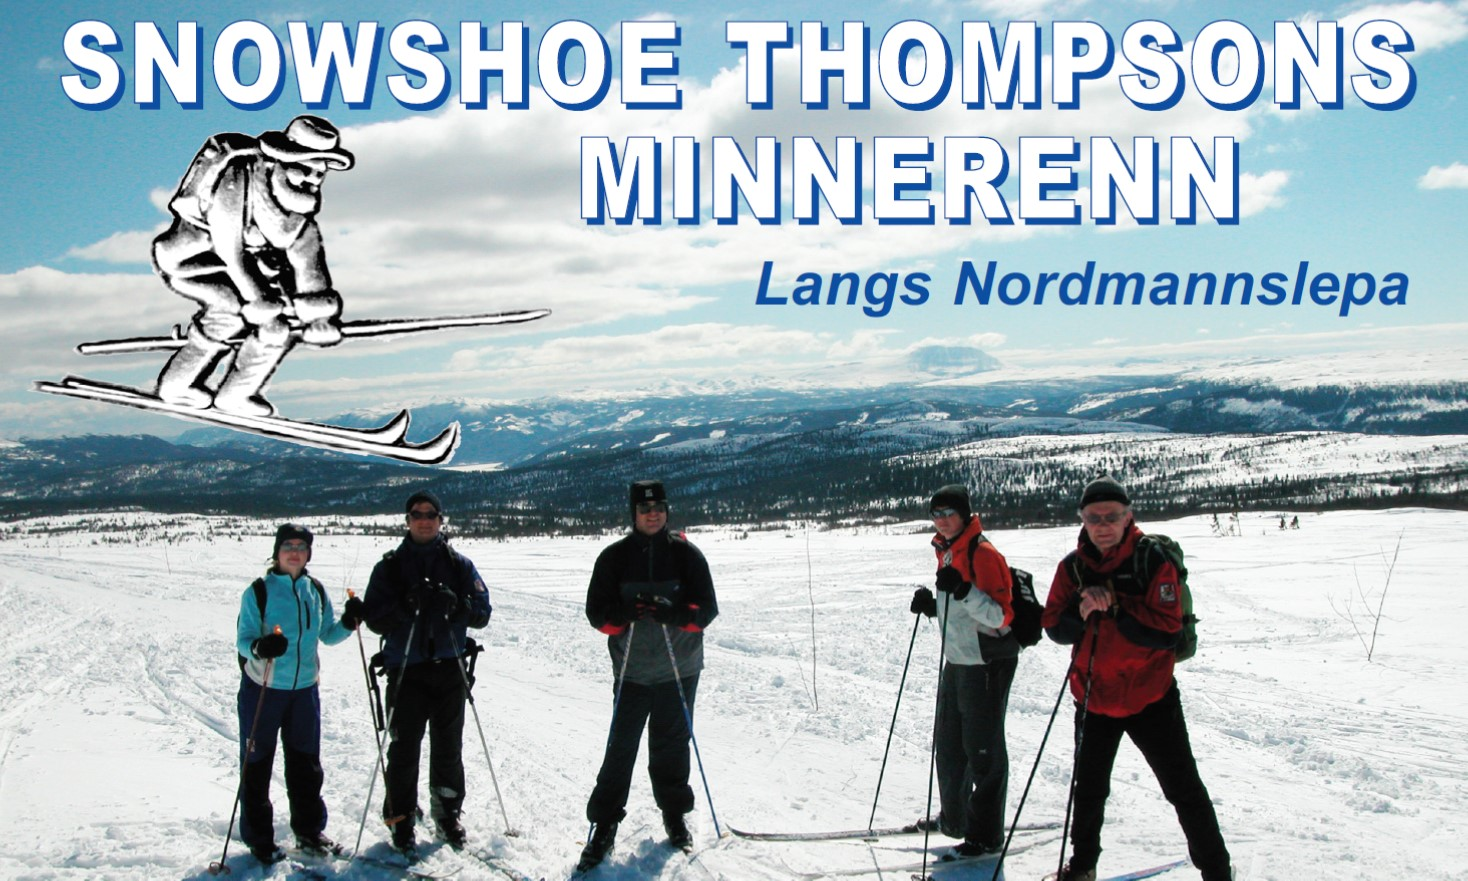 Snowshoe Thompson minerenn, © Austbygde utvikling